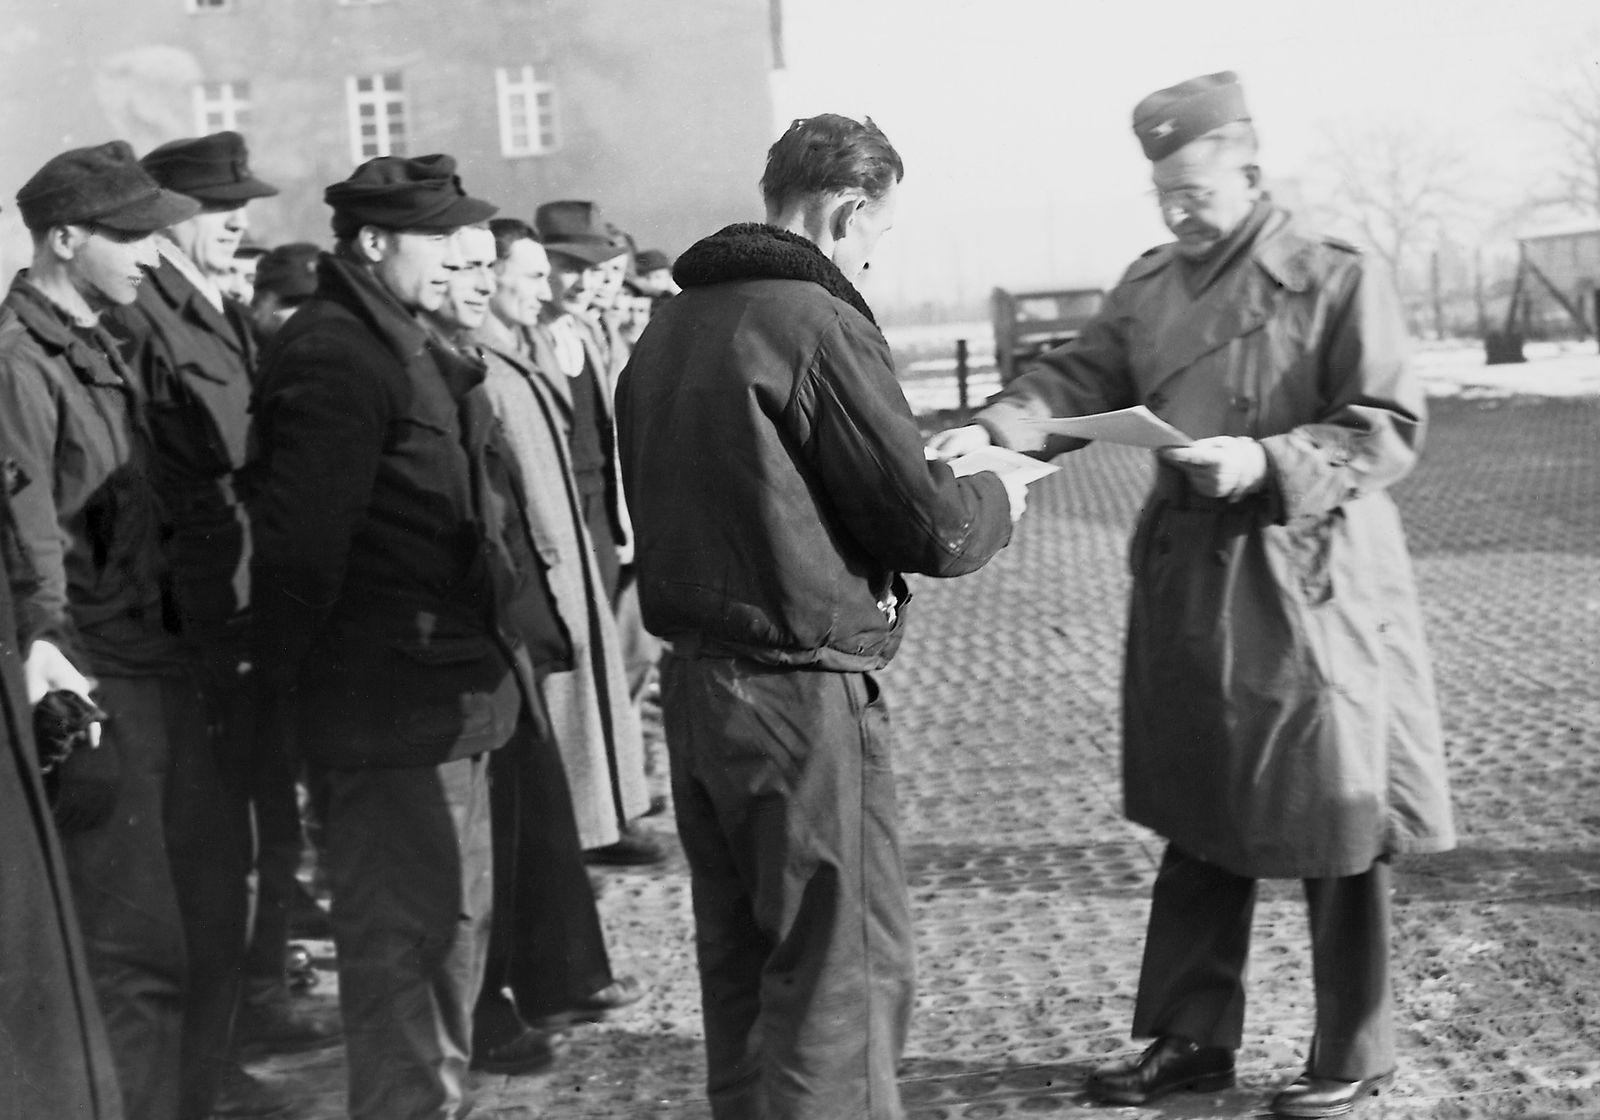 Heimkehrer im Valka-Lager Nürnberg, 1951